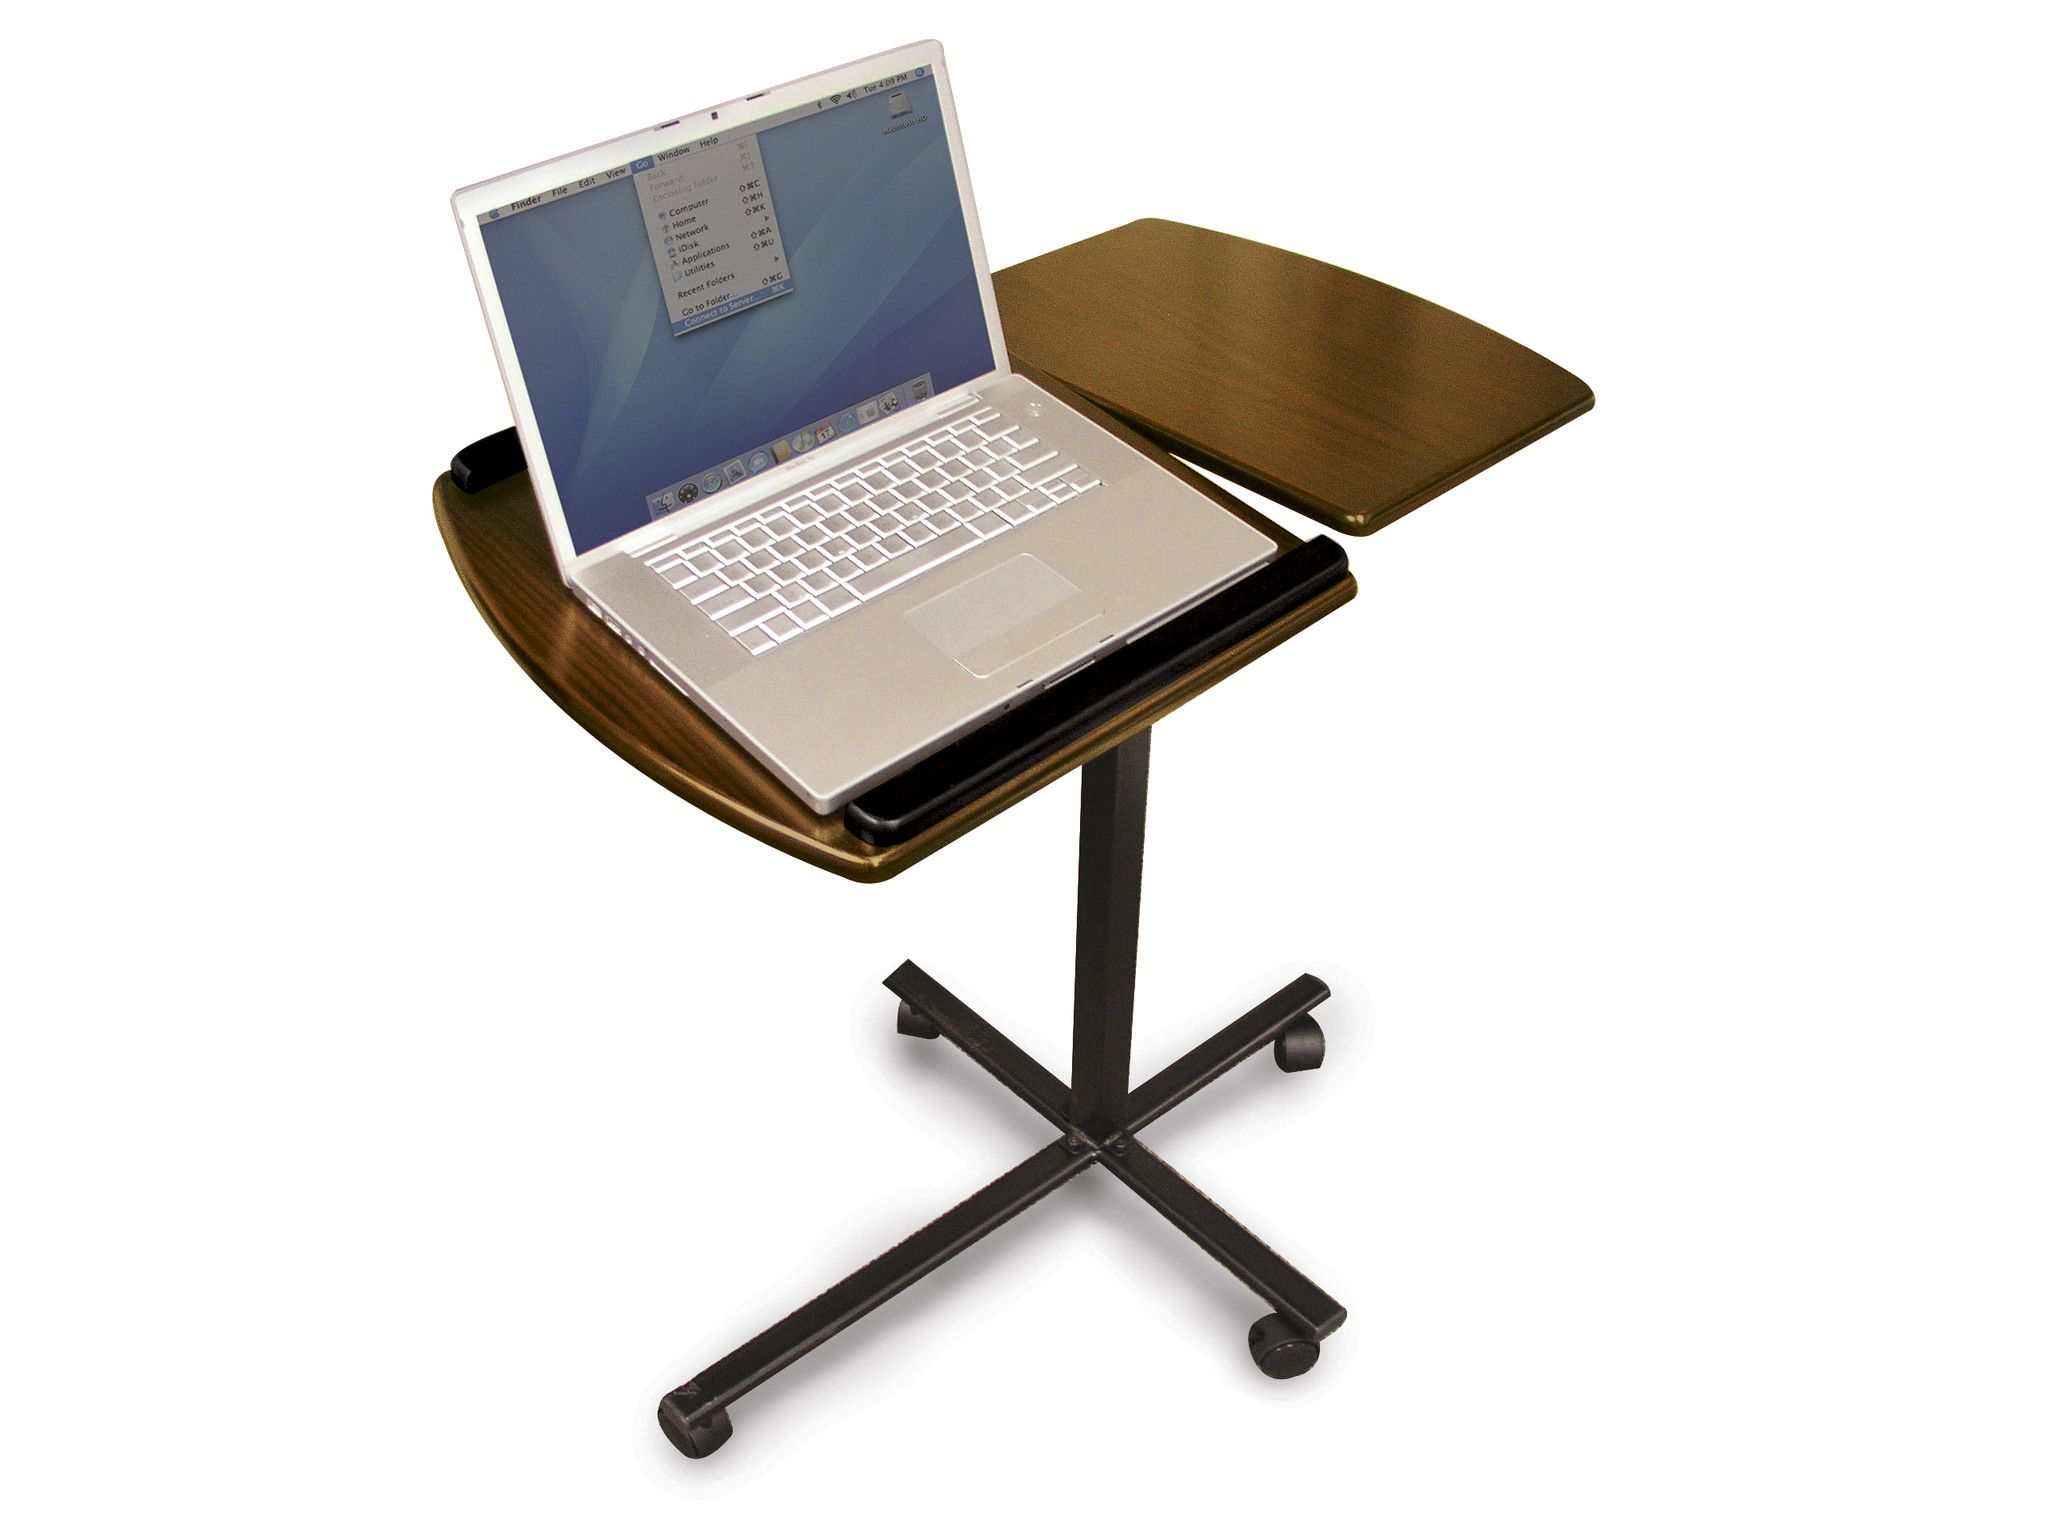 flex portable neo desk products product stand d ergotron laptop en details orig us